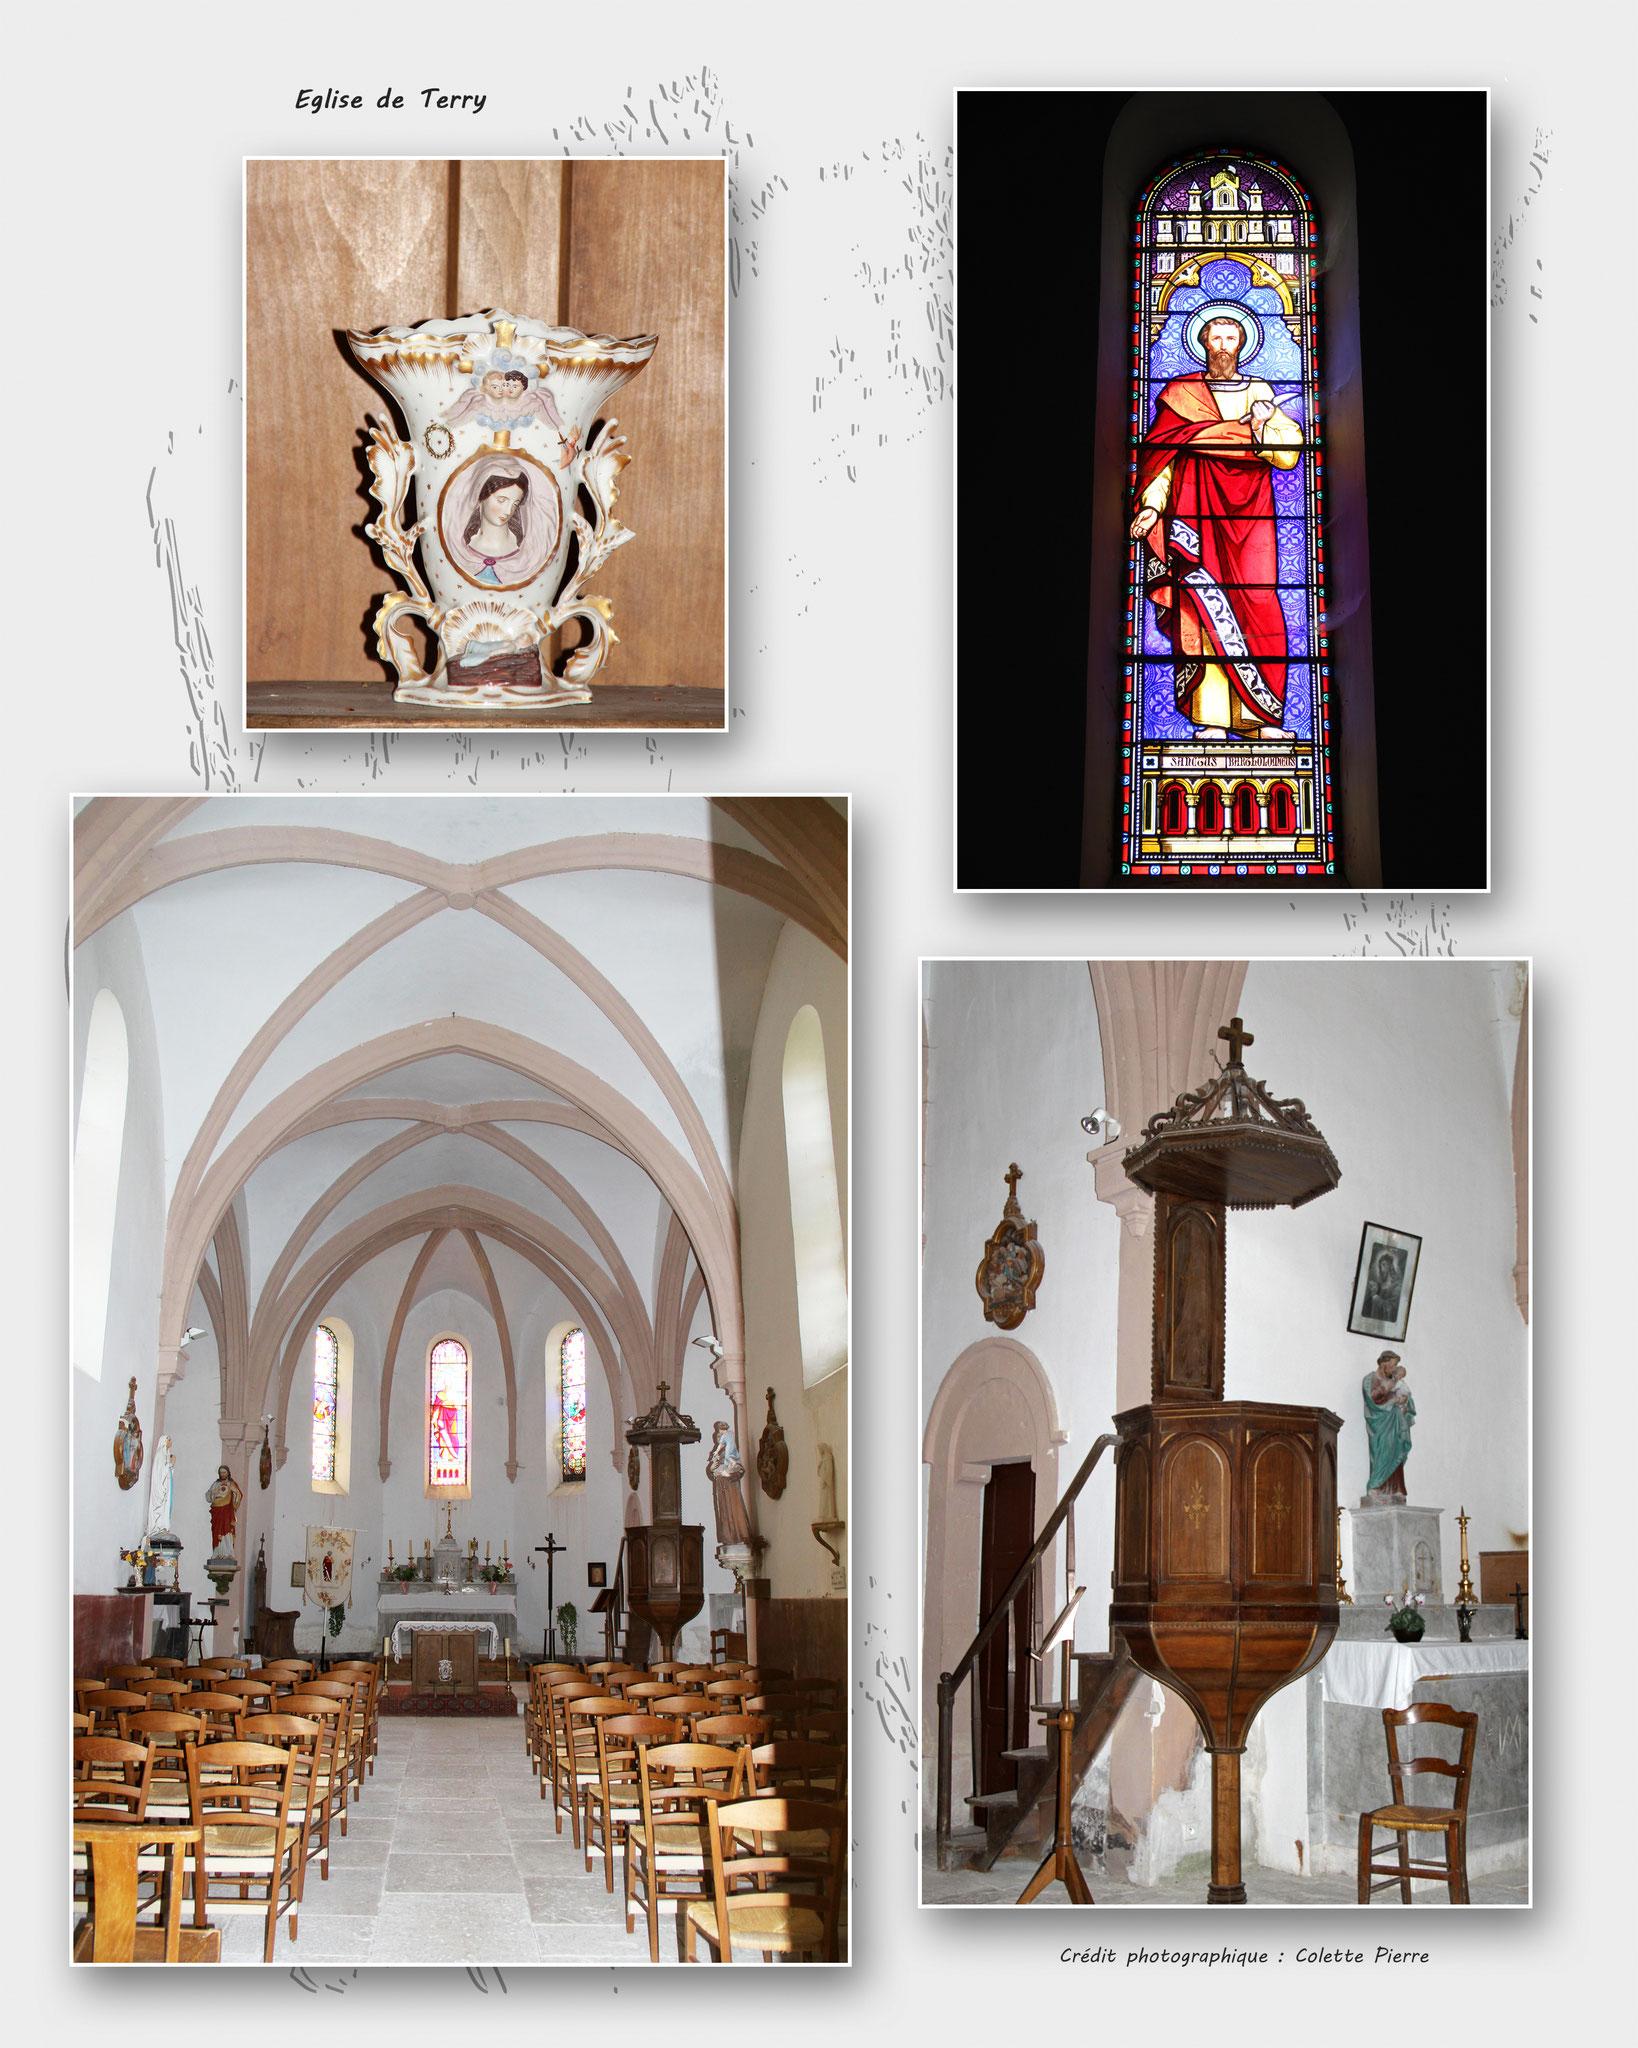 Eglise de Terry (2)